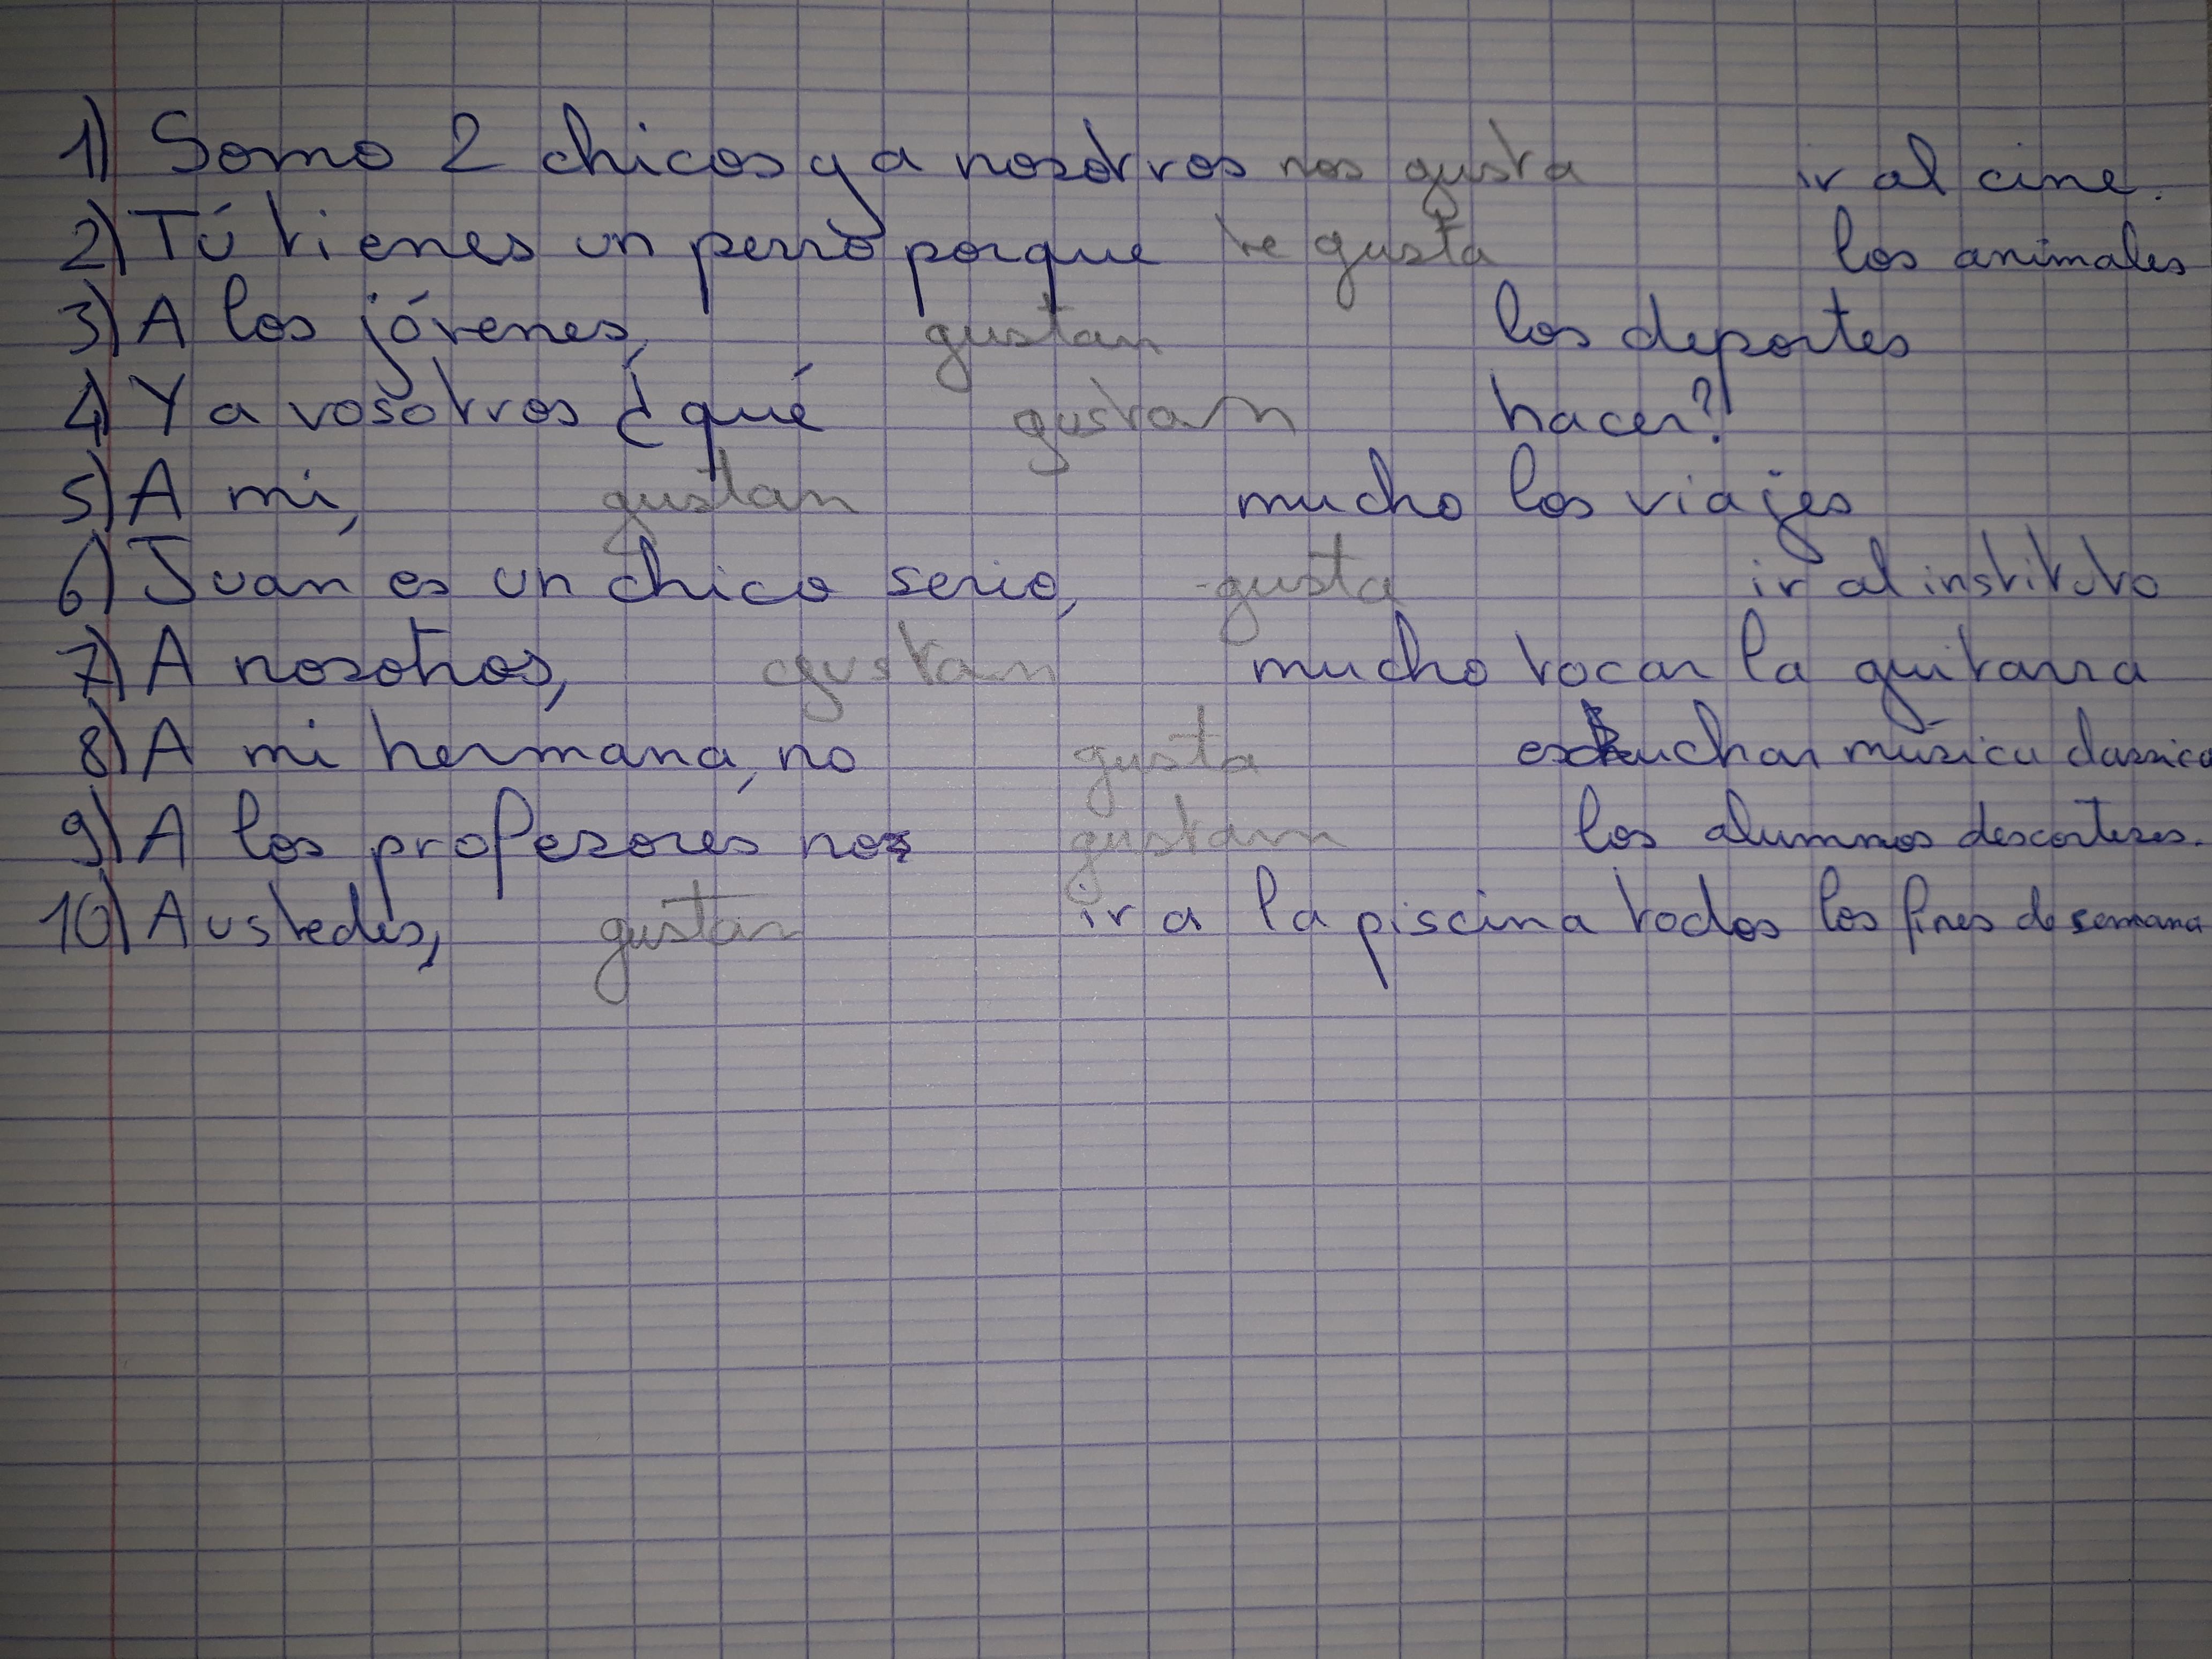 Aider Moi Svp Je Sais Pas Comment Conjuguer Le Verbe Gustar La Ou Ya Du Crayons De Papier Faller Nosdevoirs Fr